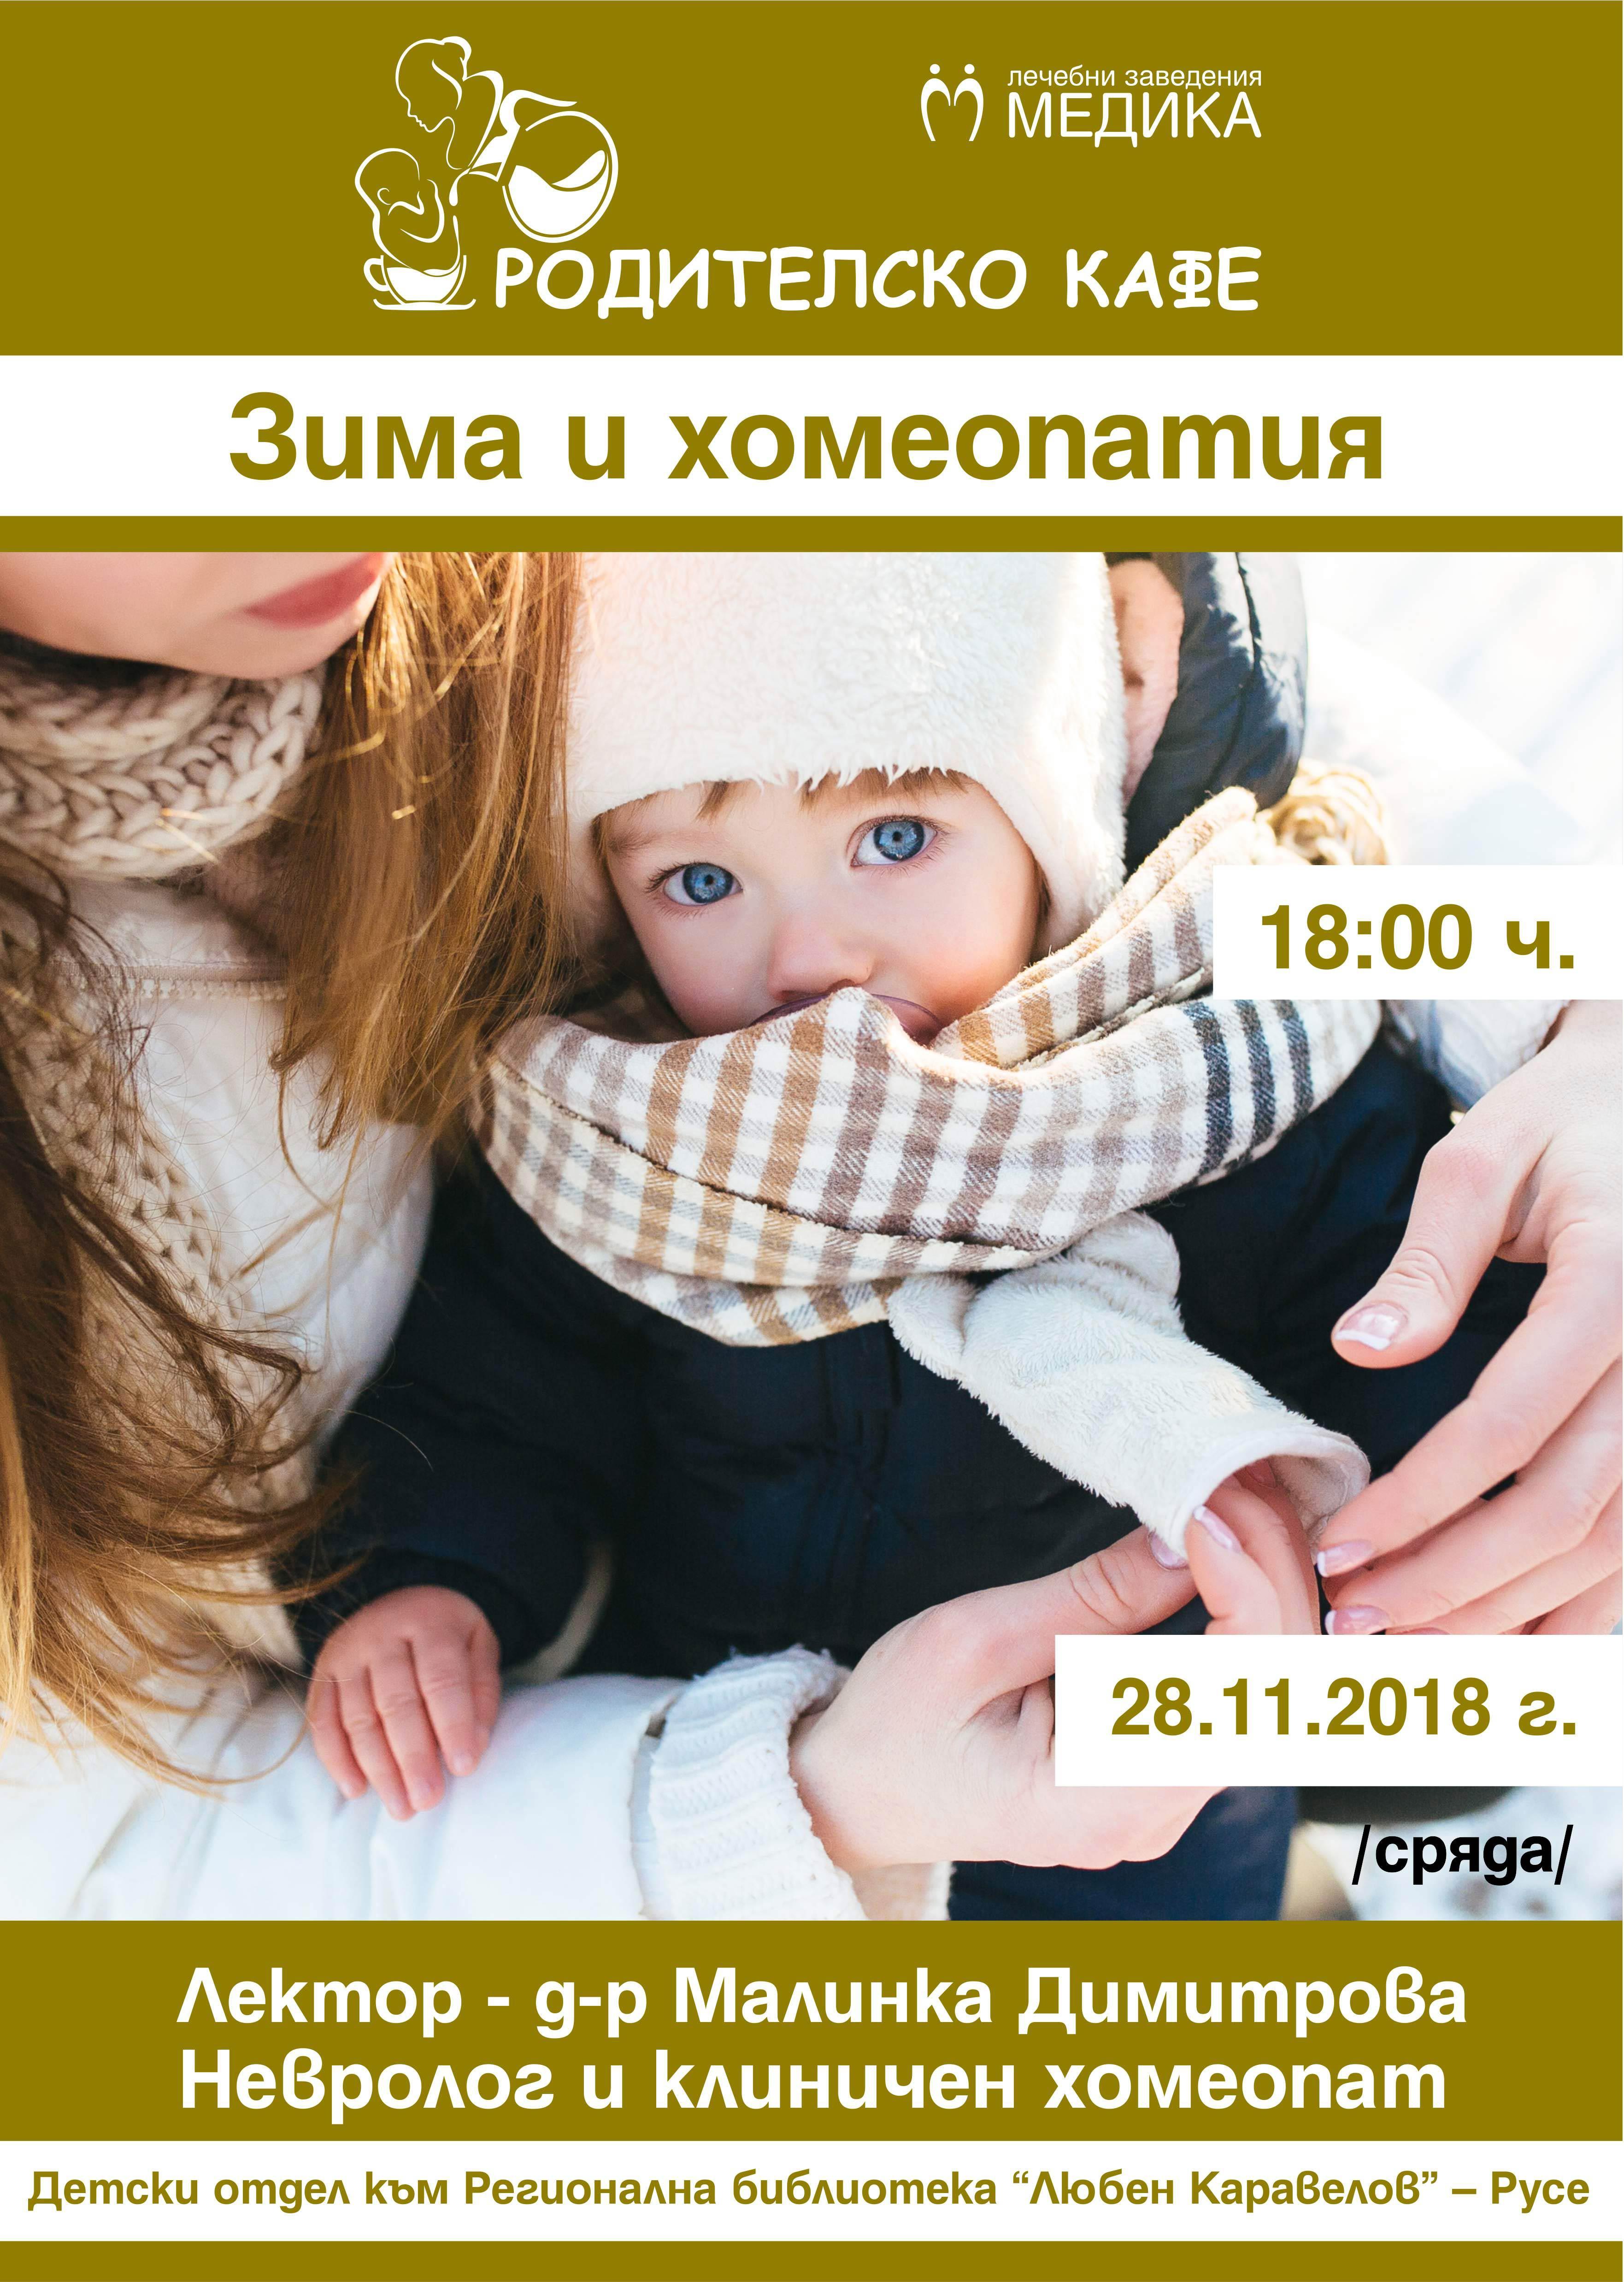 """Photo of Родителско кафе през ноември на тема """"Зима и хомеопатия"""""""